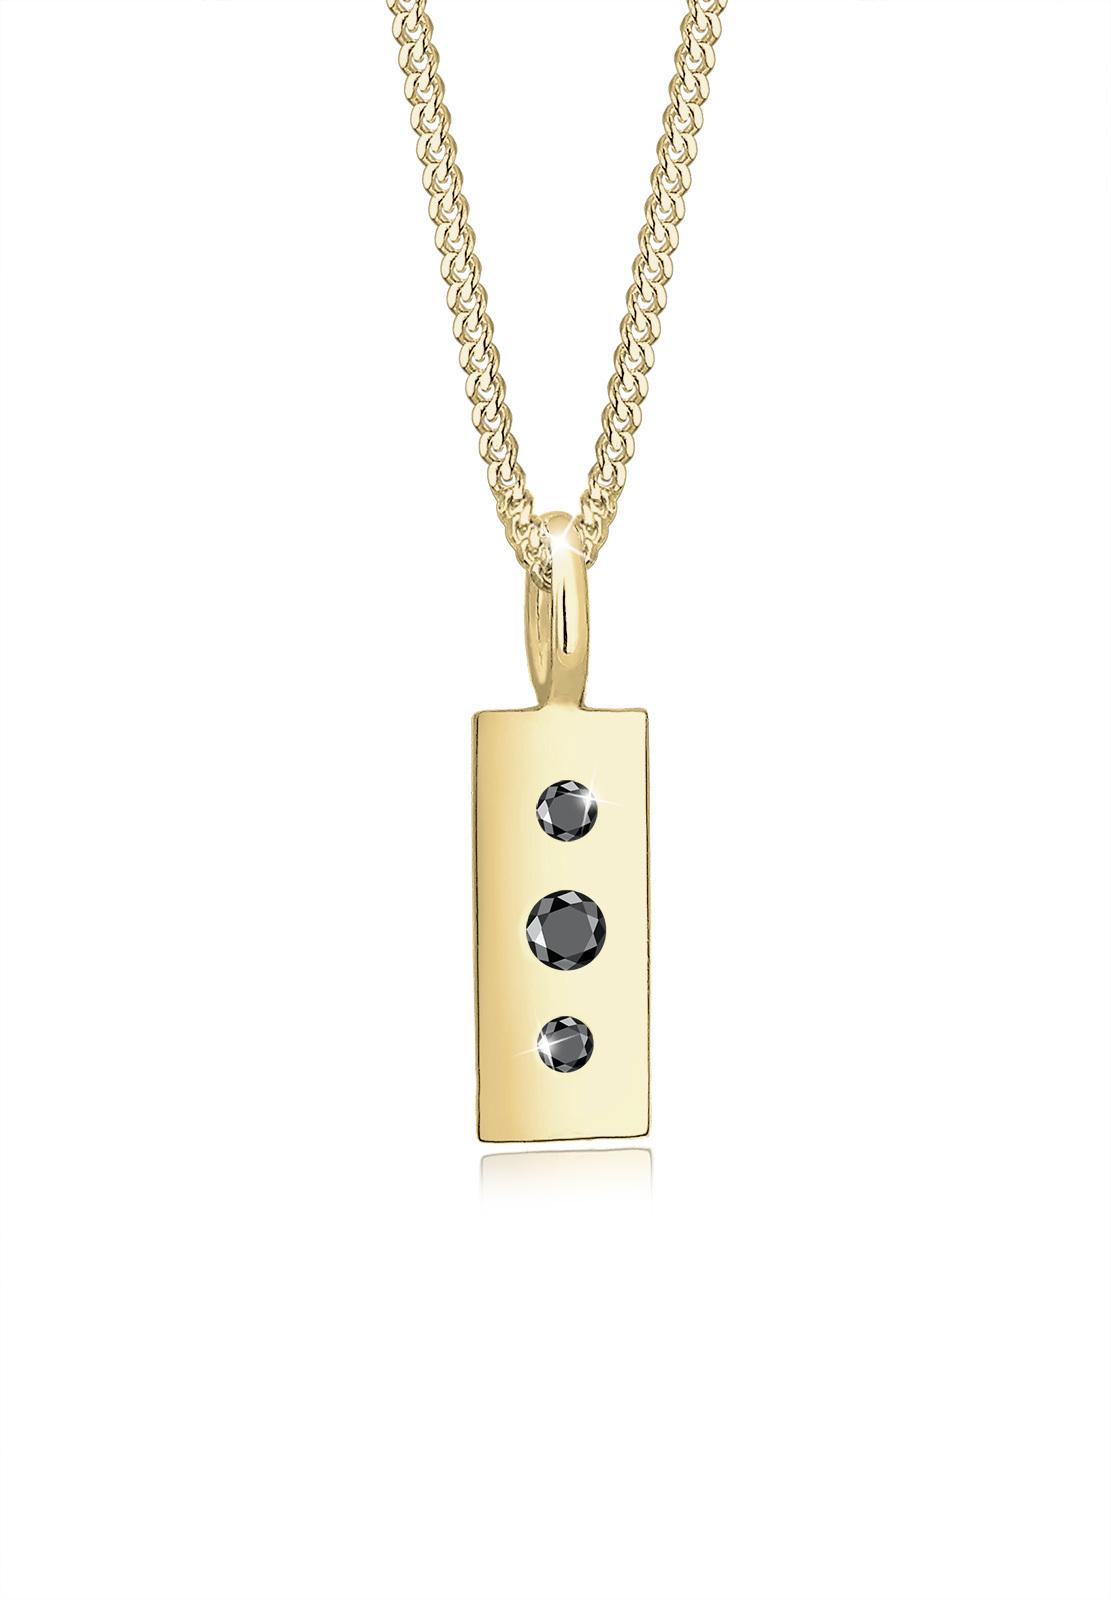 Halskette | Diamant ( Schwarz, 0,06 ct ) | 375 Gelbgold